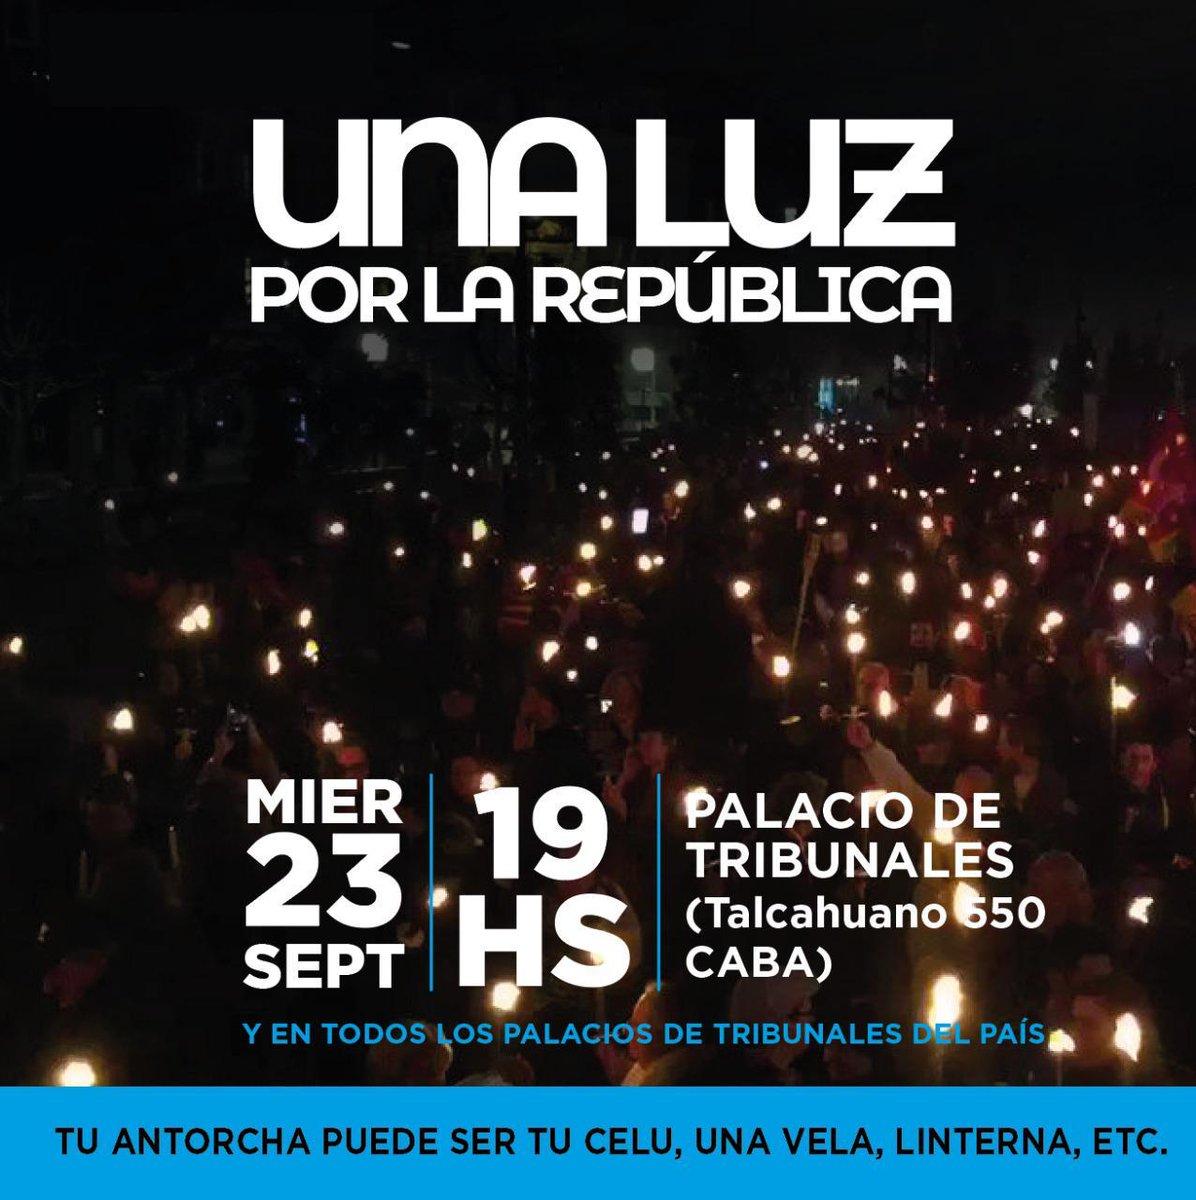 #23S 19:00 hs por la República  #NoALaReformaJudicial #NoALaReformaJudicialK #BastaDeImpunidad https://t.co/kfjihiGxbK